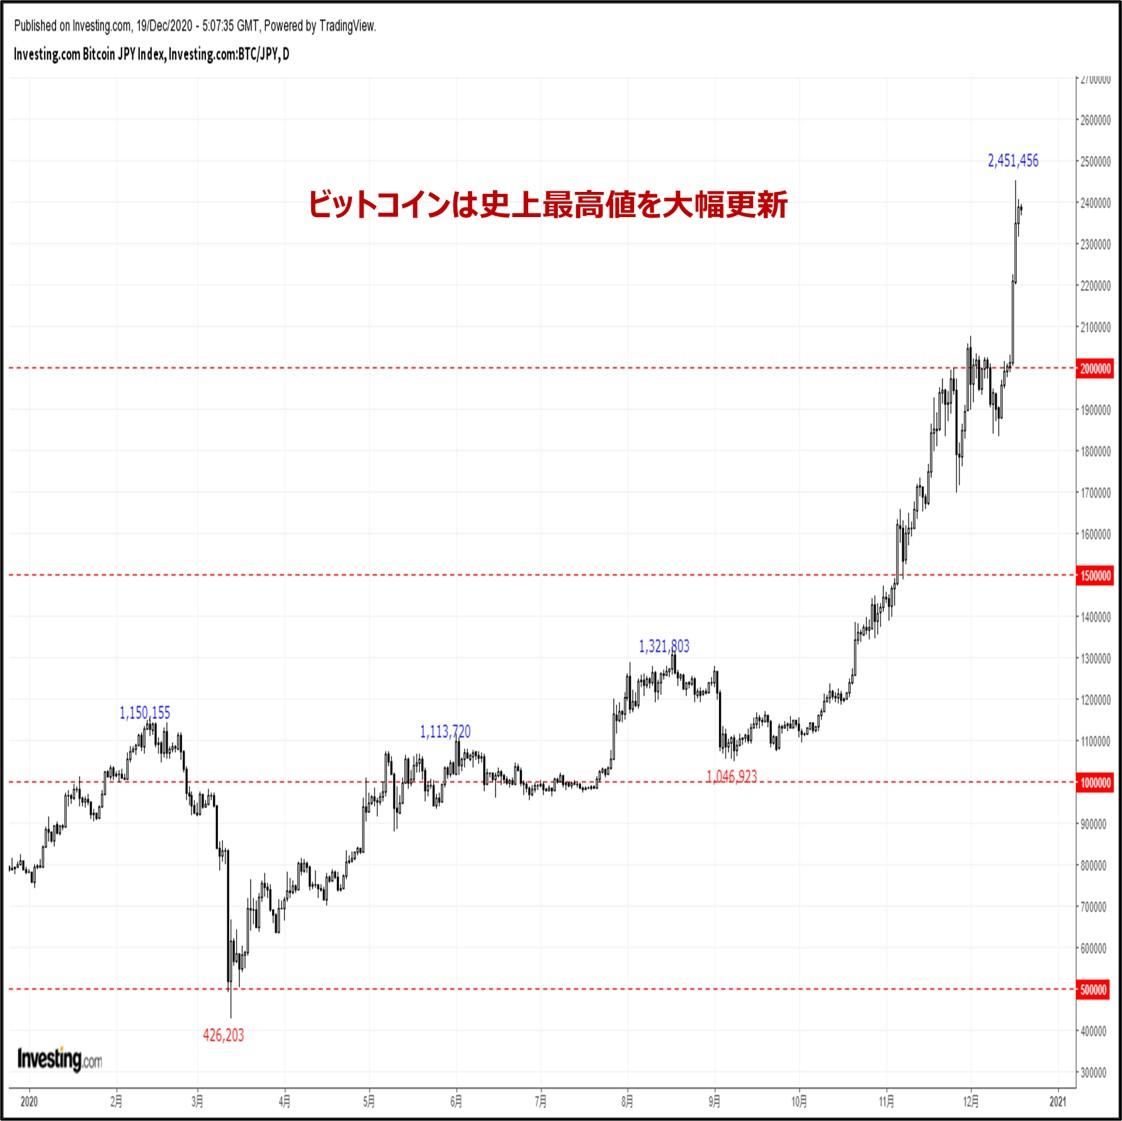 ビットコインの価格分析:『史上最高値を大幅更新。来週はポジション調整リスクに要警戒』